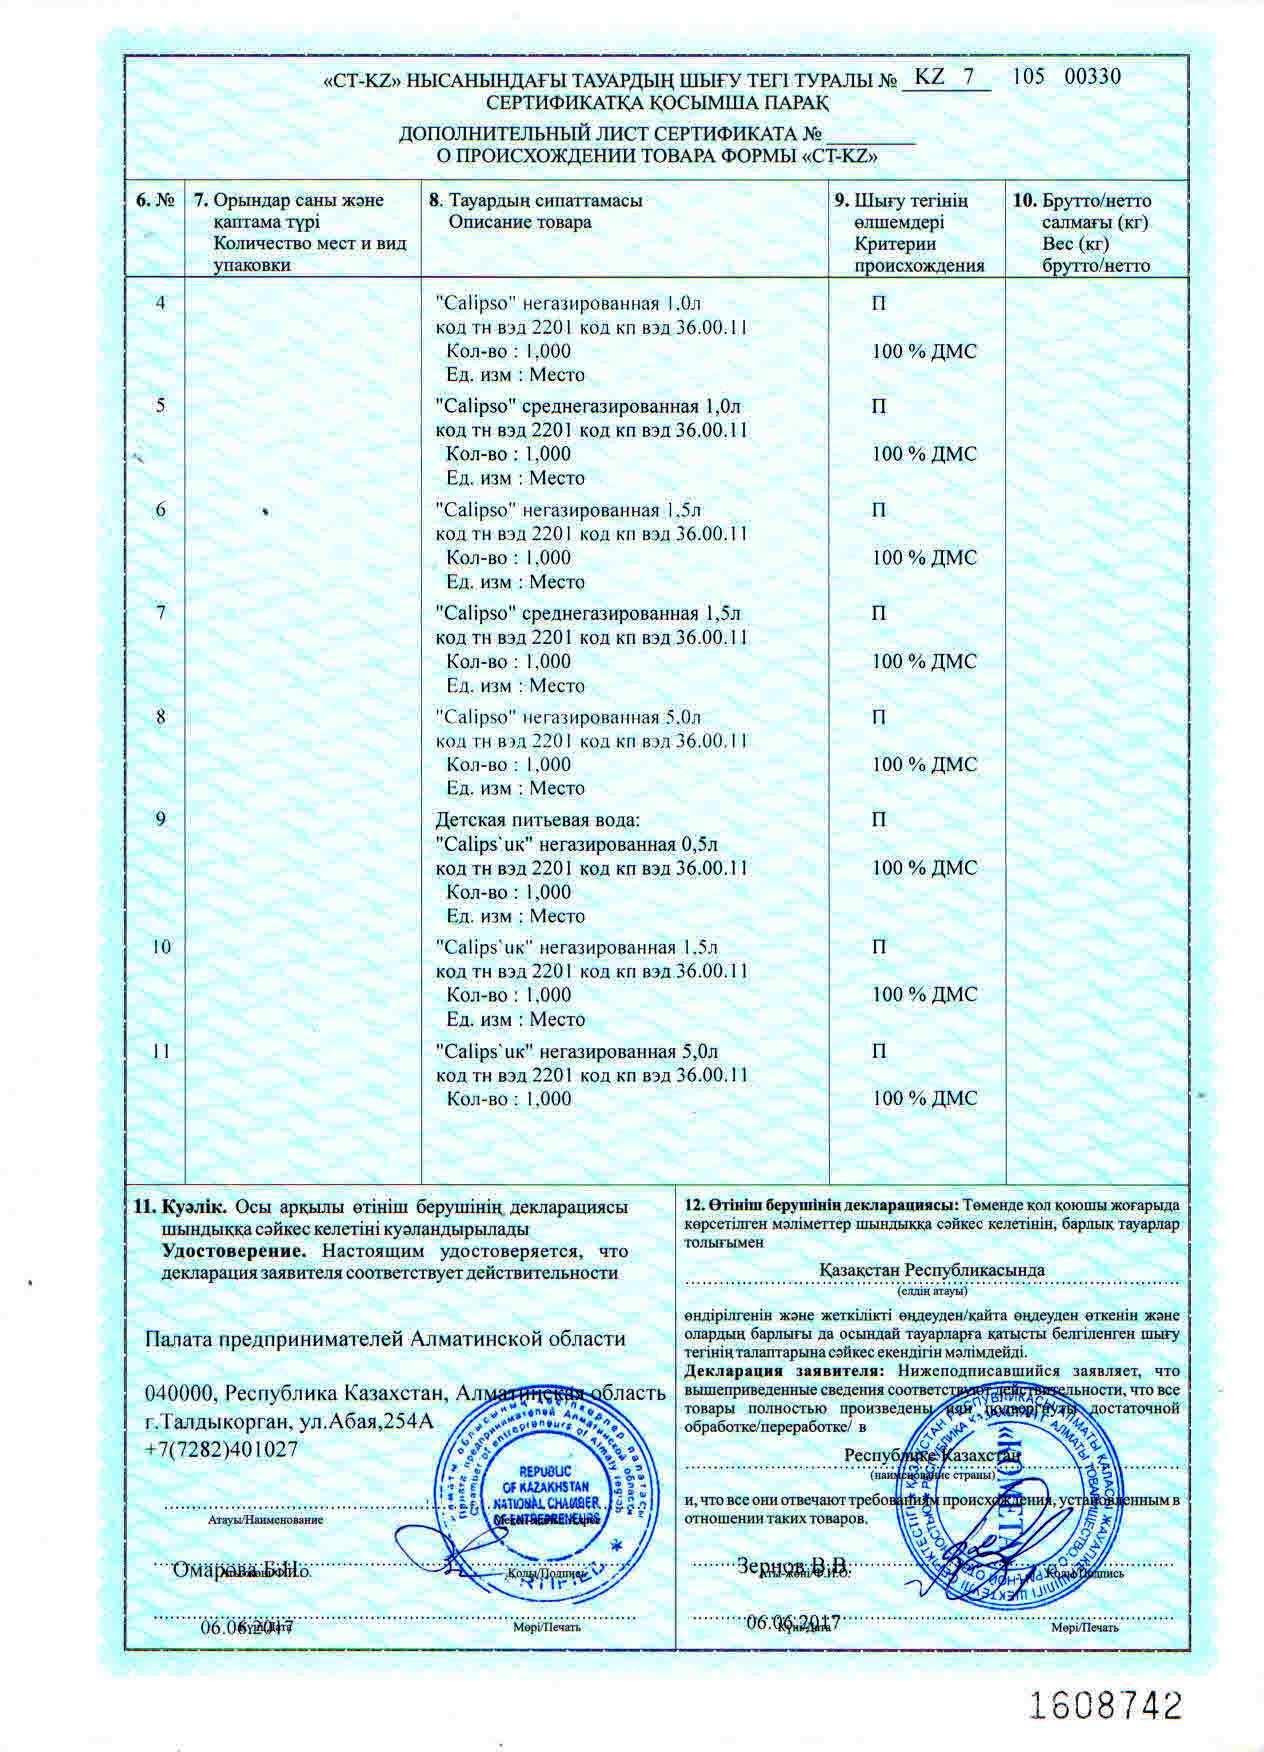 Сертификация в казахстане на пвх процедуры требуемые исо/ту 16949